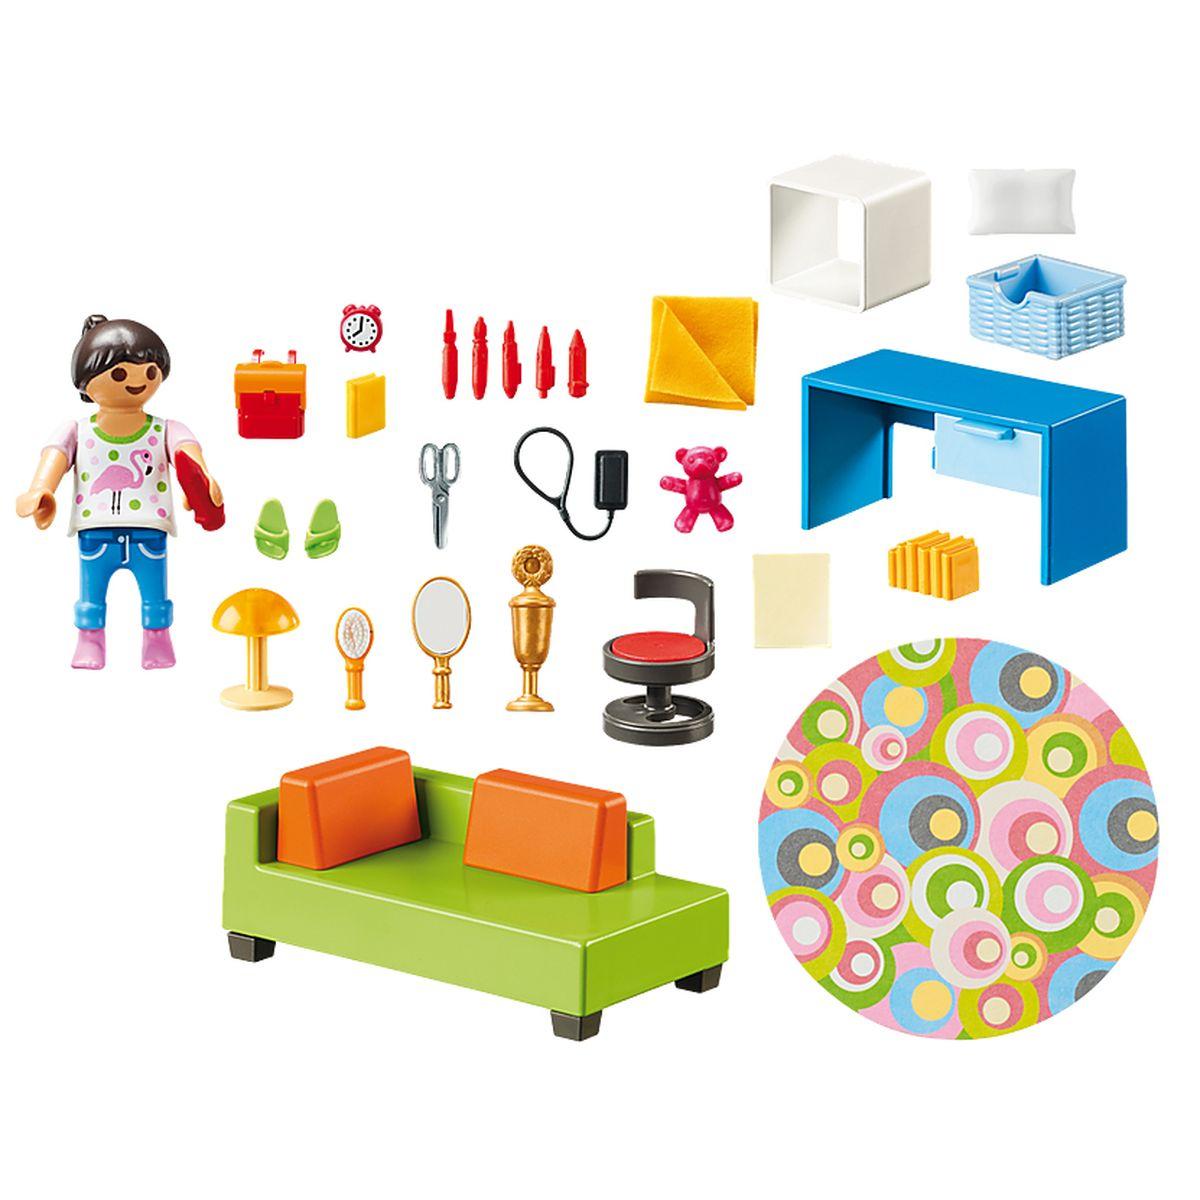 playmobil dollhouse chambre d enfant avec canape lit 70209